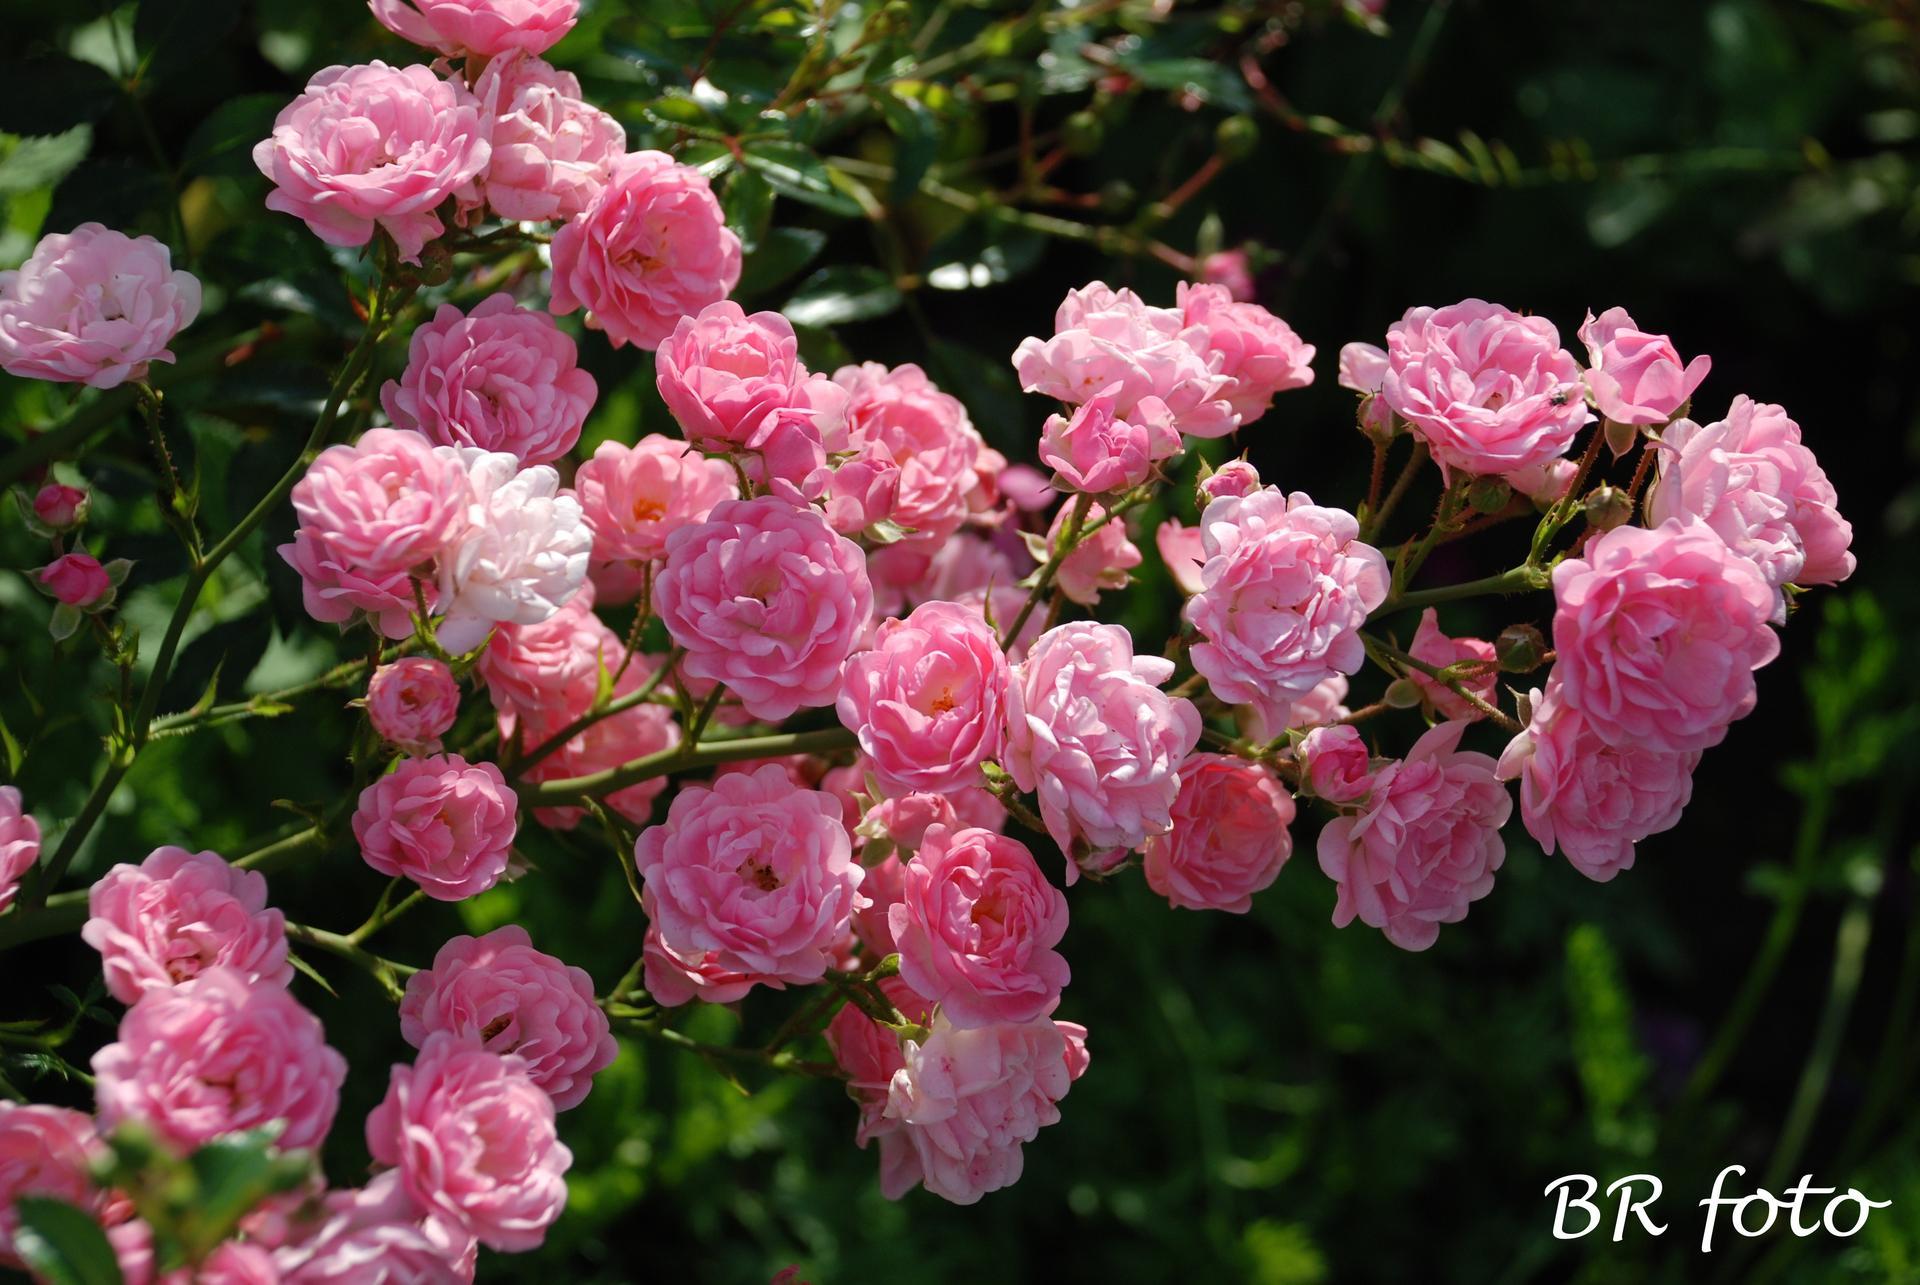 Zahrada v létě - všechny růže letos poničené deštěm, jen The Fairy je krásná a obsypaná květy